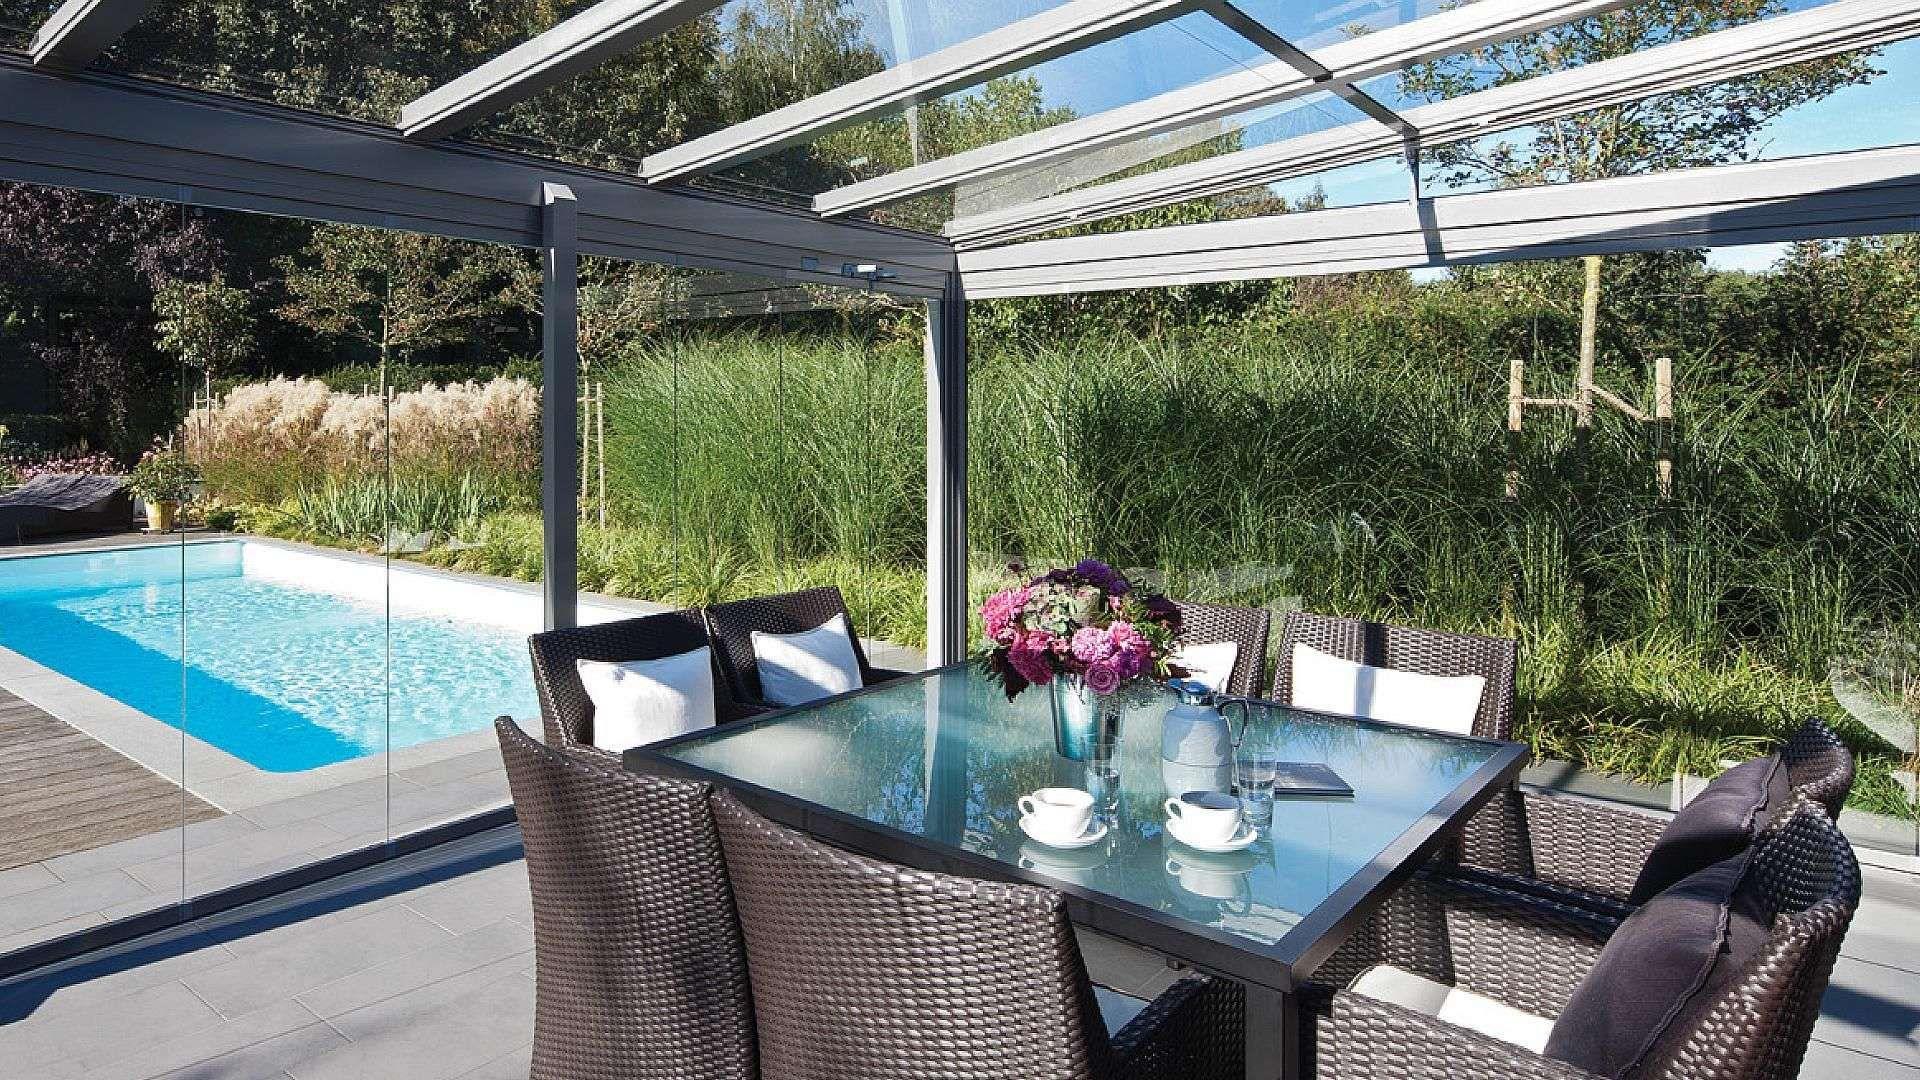 Innenansicht eines Glashaus mit Esstisch im Inneren und Blick auf den Garten mit Pool